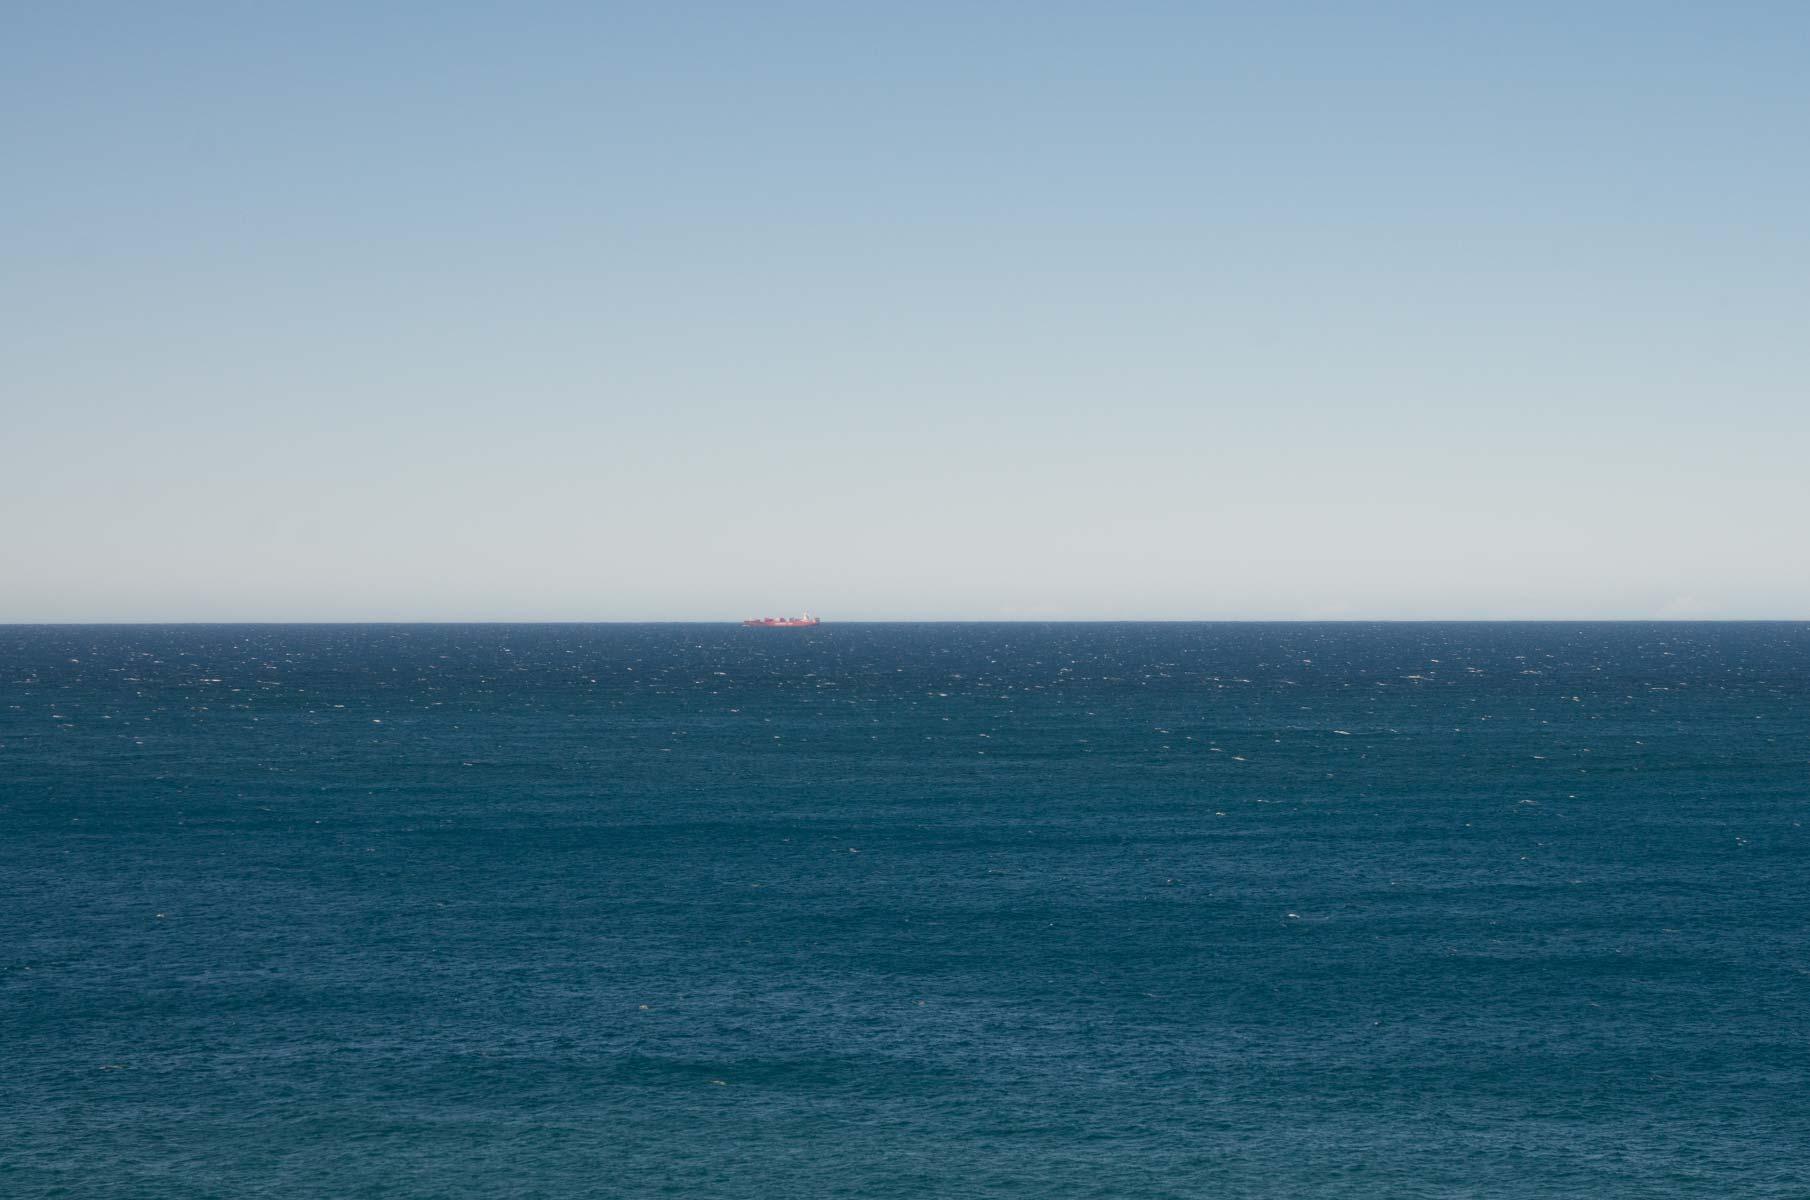 Blick von den Balconies im Royal National Park, Australien